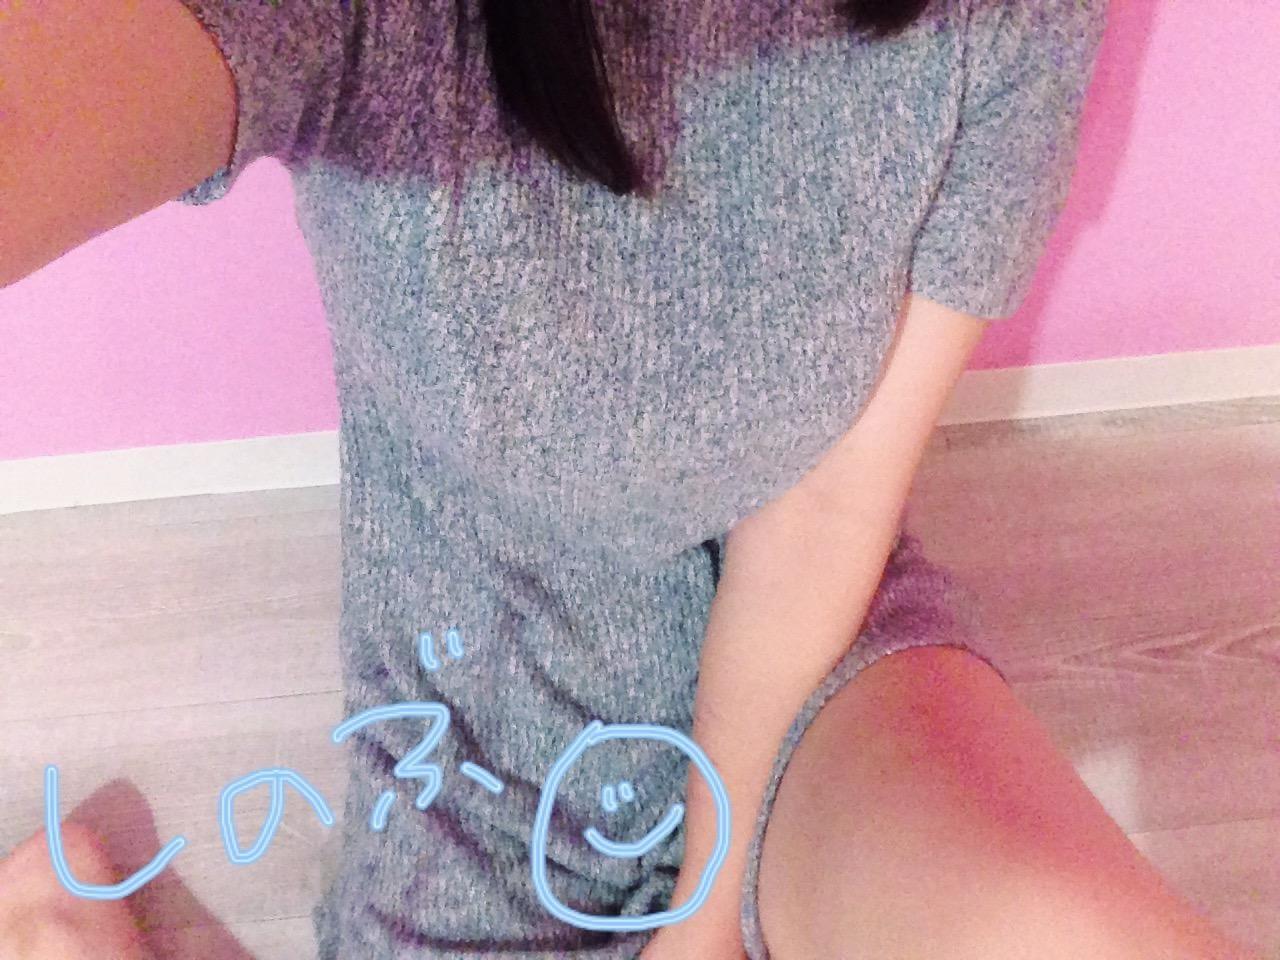 「*.しゅっ」10/15(10/15) 16:31 | しのぶの写メ・風俗動画